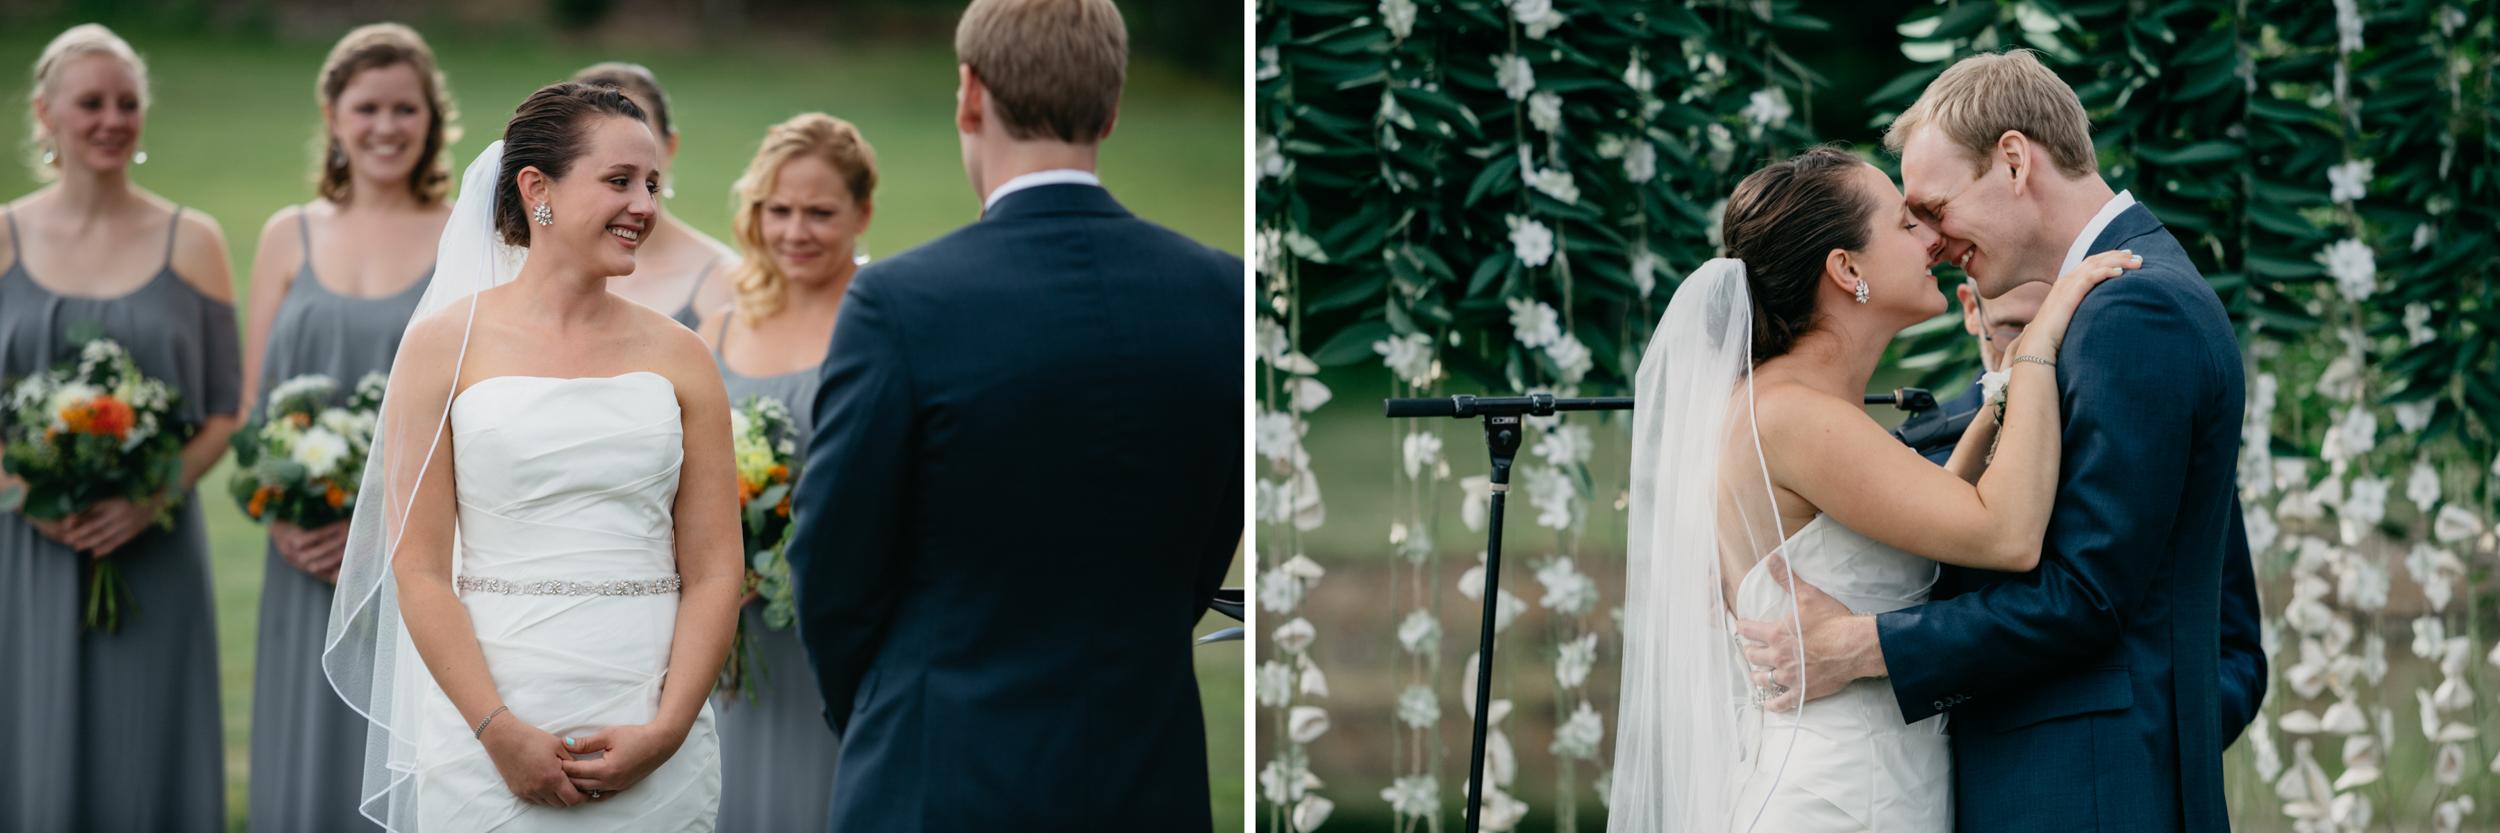 Jessie_Erik_Pownal_Maine_Wedding_William_allen_farm_029.jpg